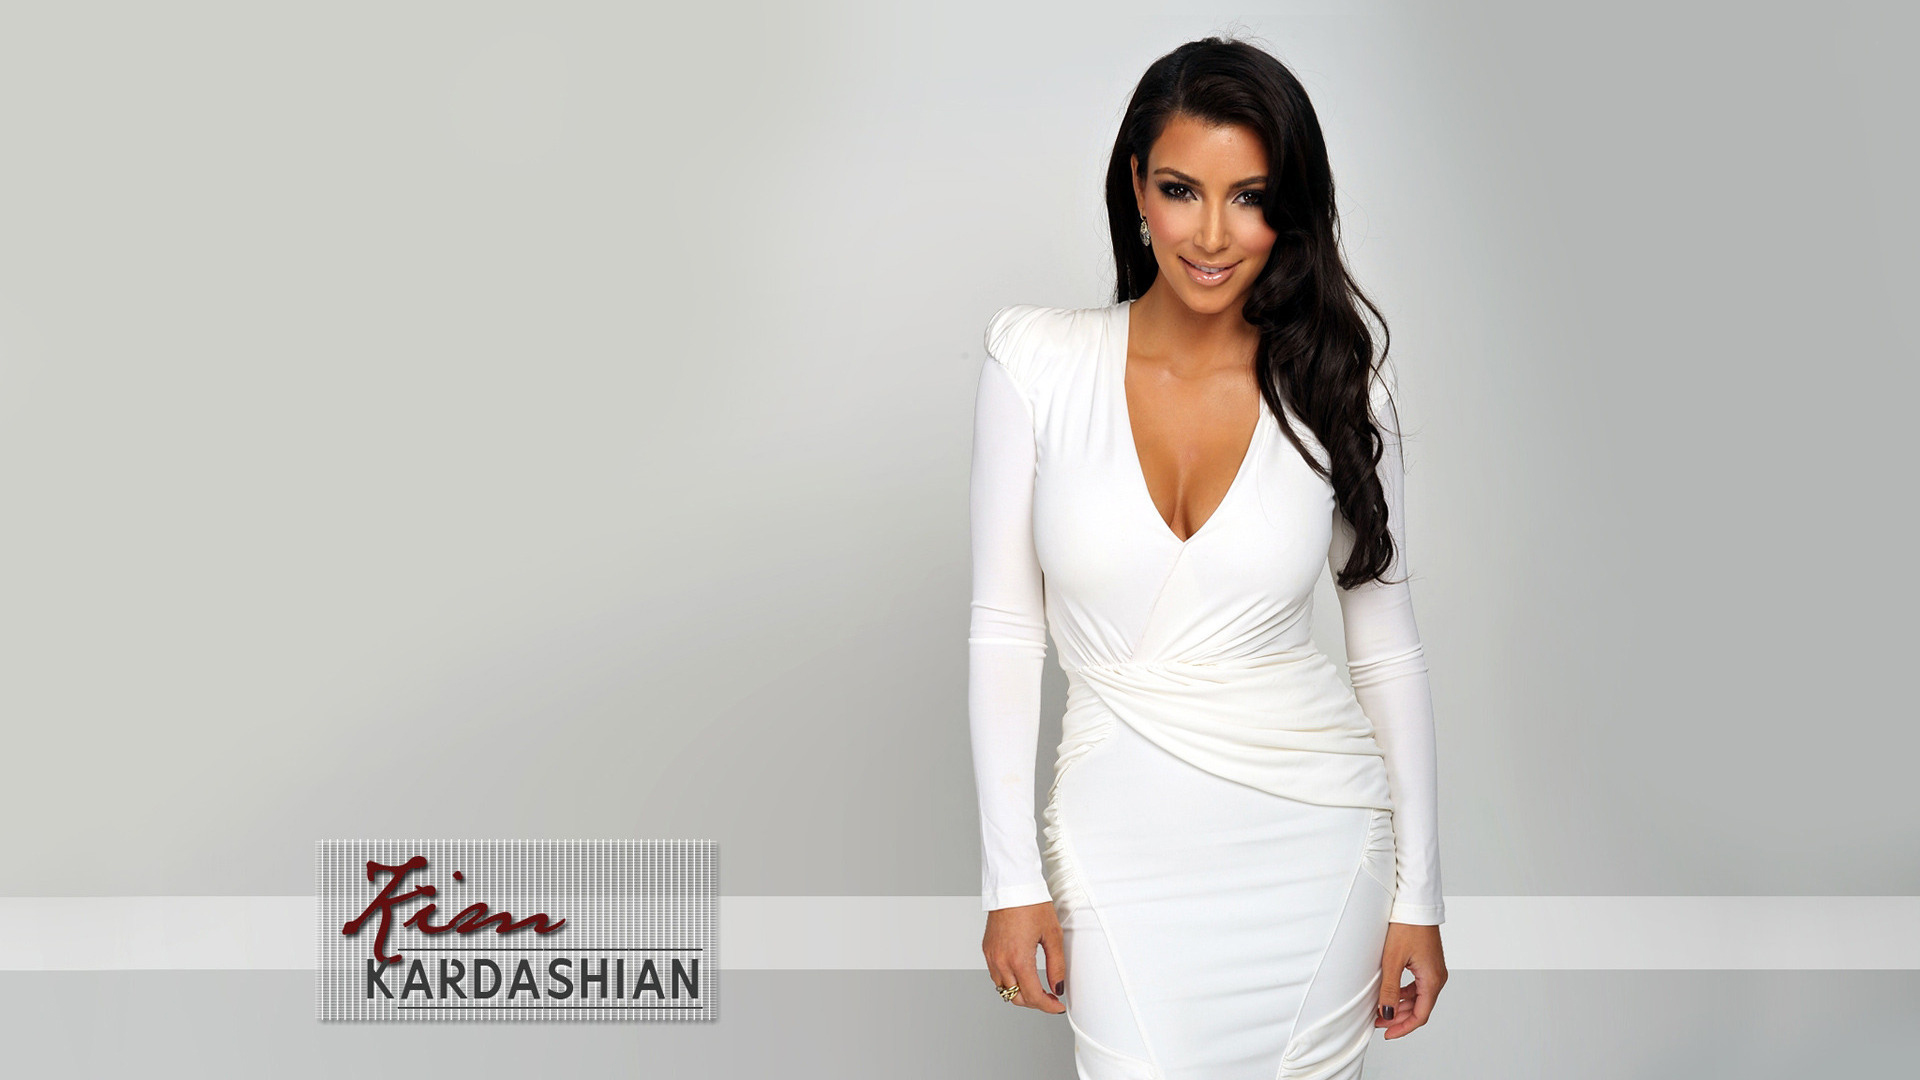 Kim Kardashian Desktop Background   Wallpaper High 1920x1080